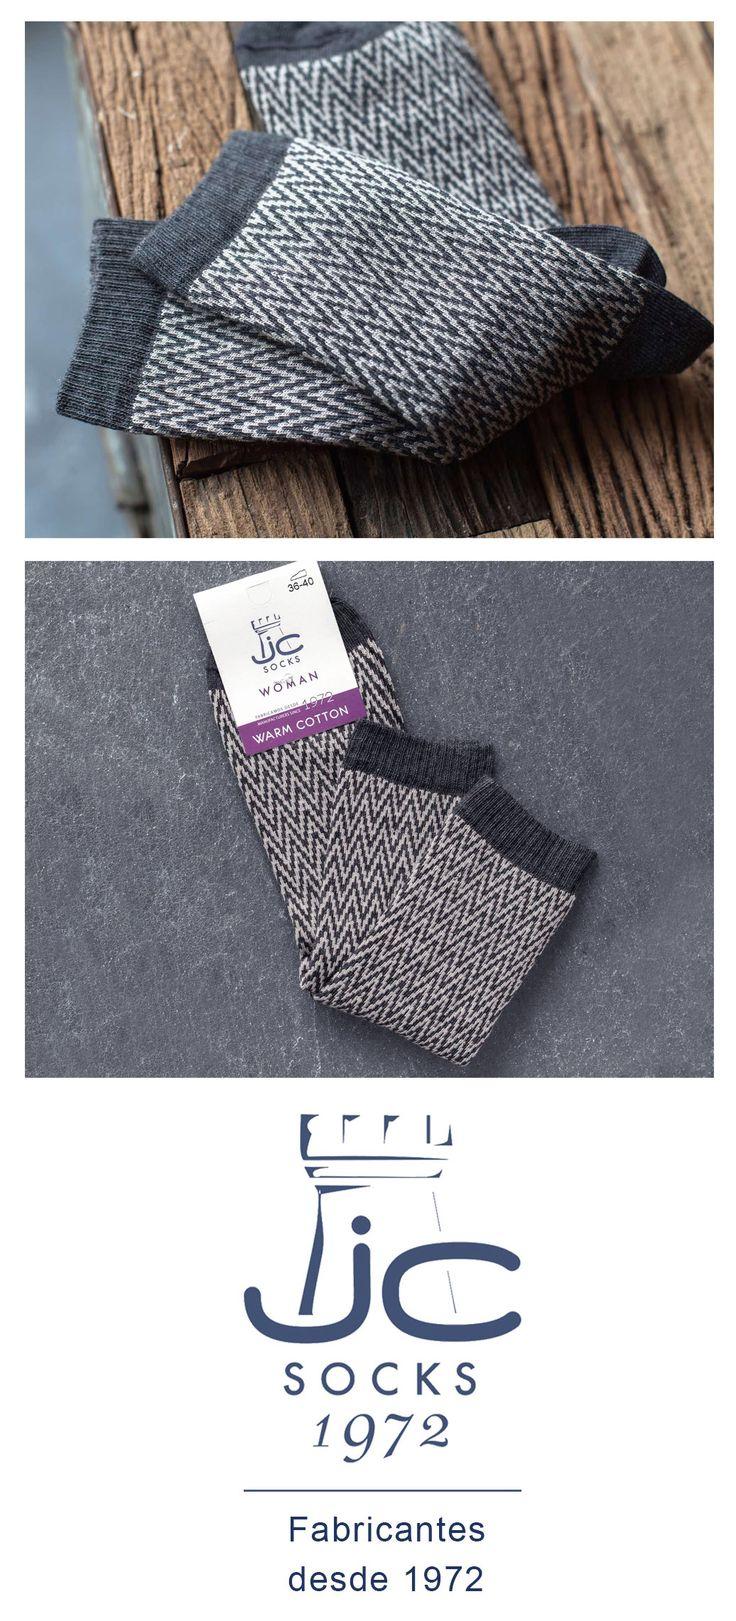 Calcetines mujer invierno estilo vintage color gris. Fabricantes de calcetines desde 1972